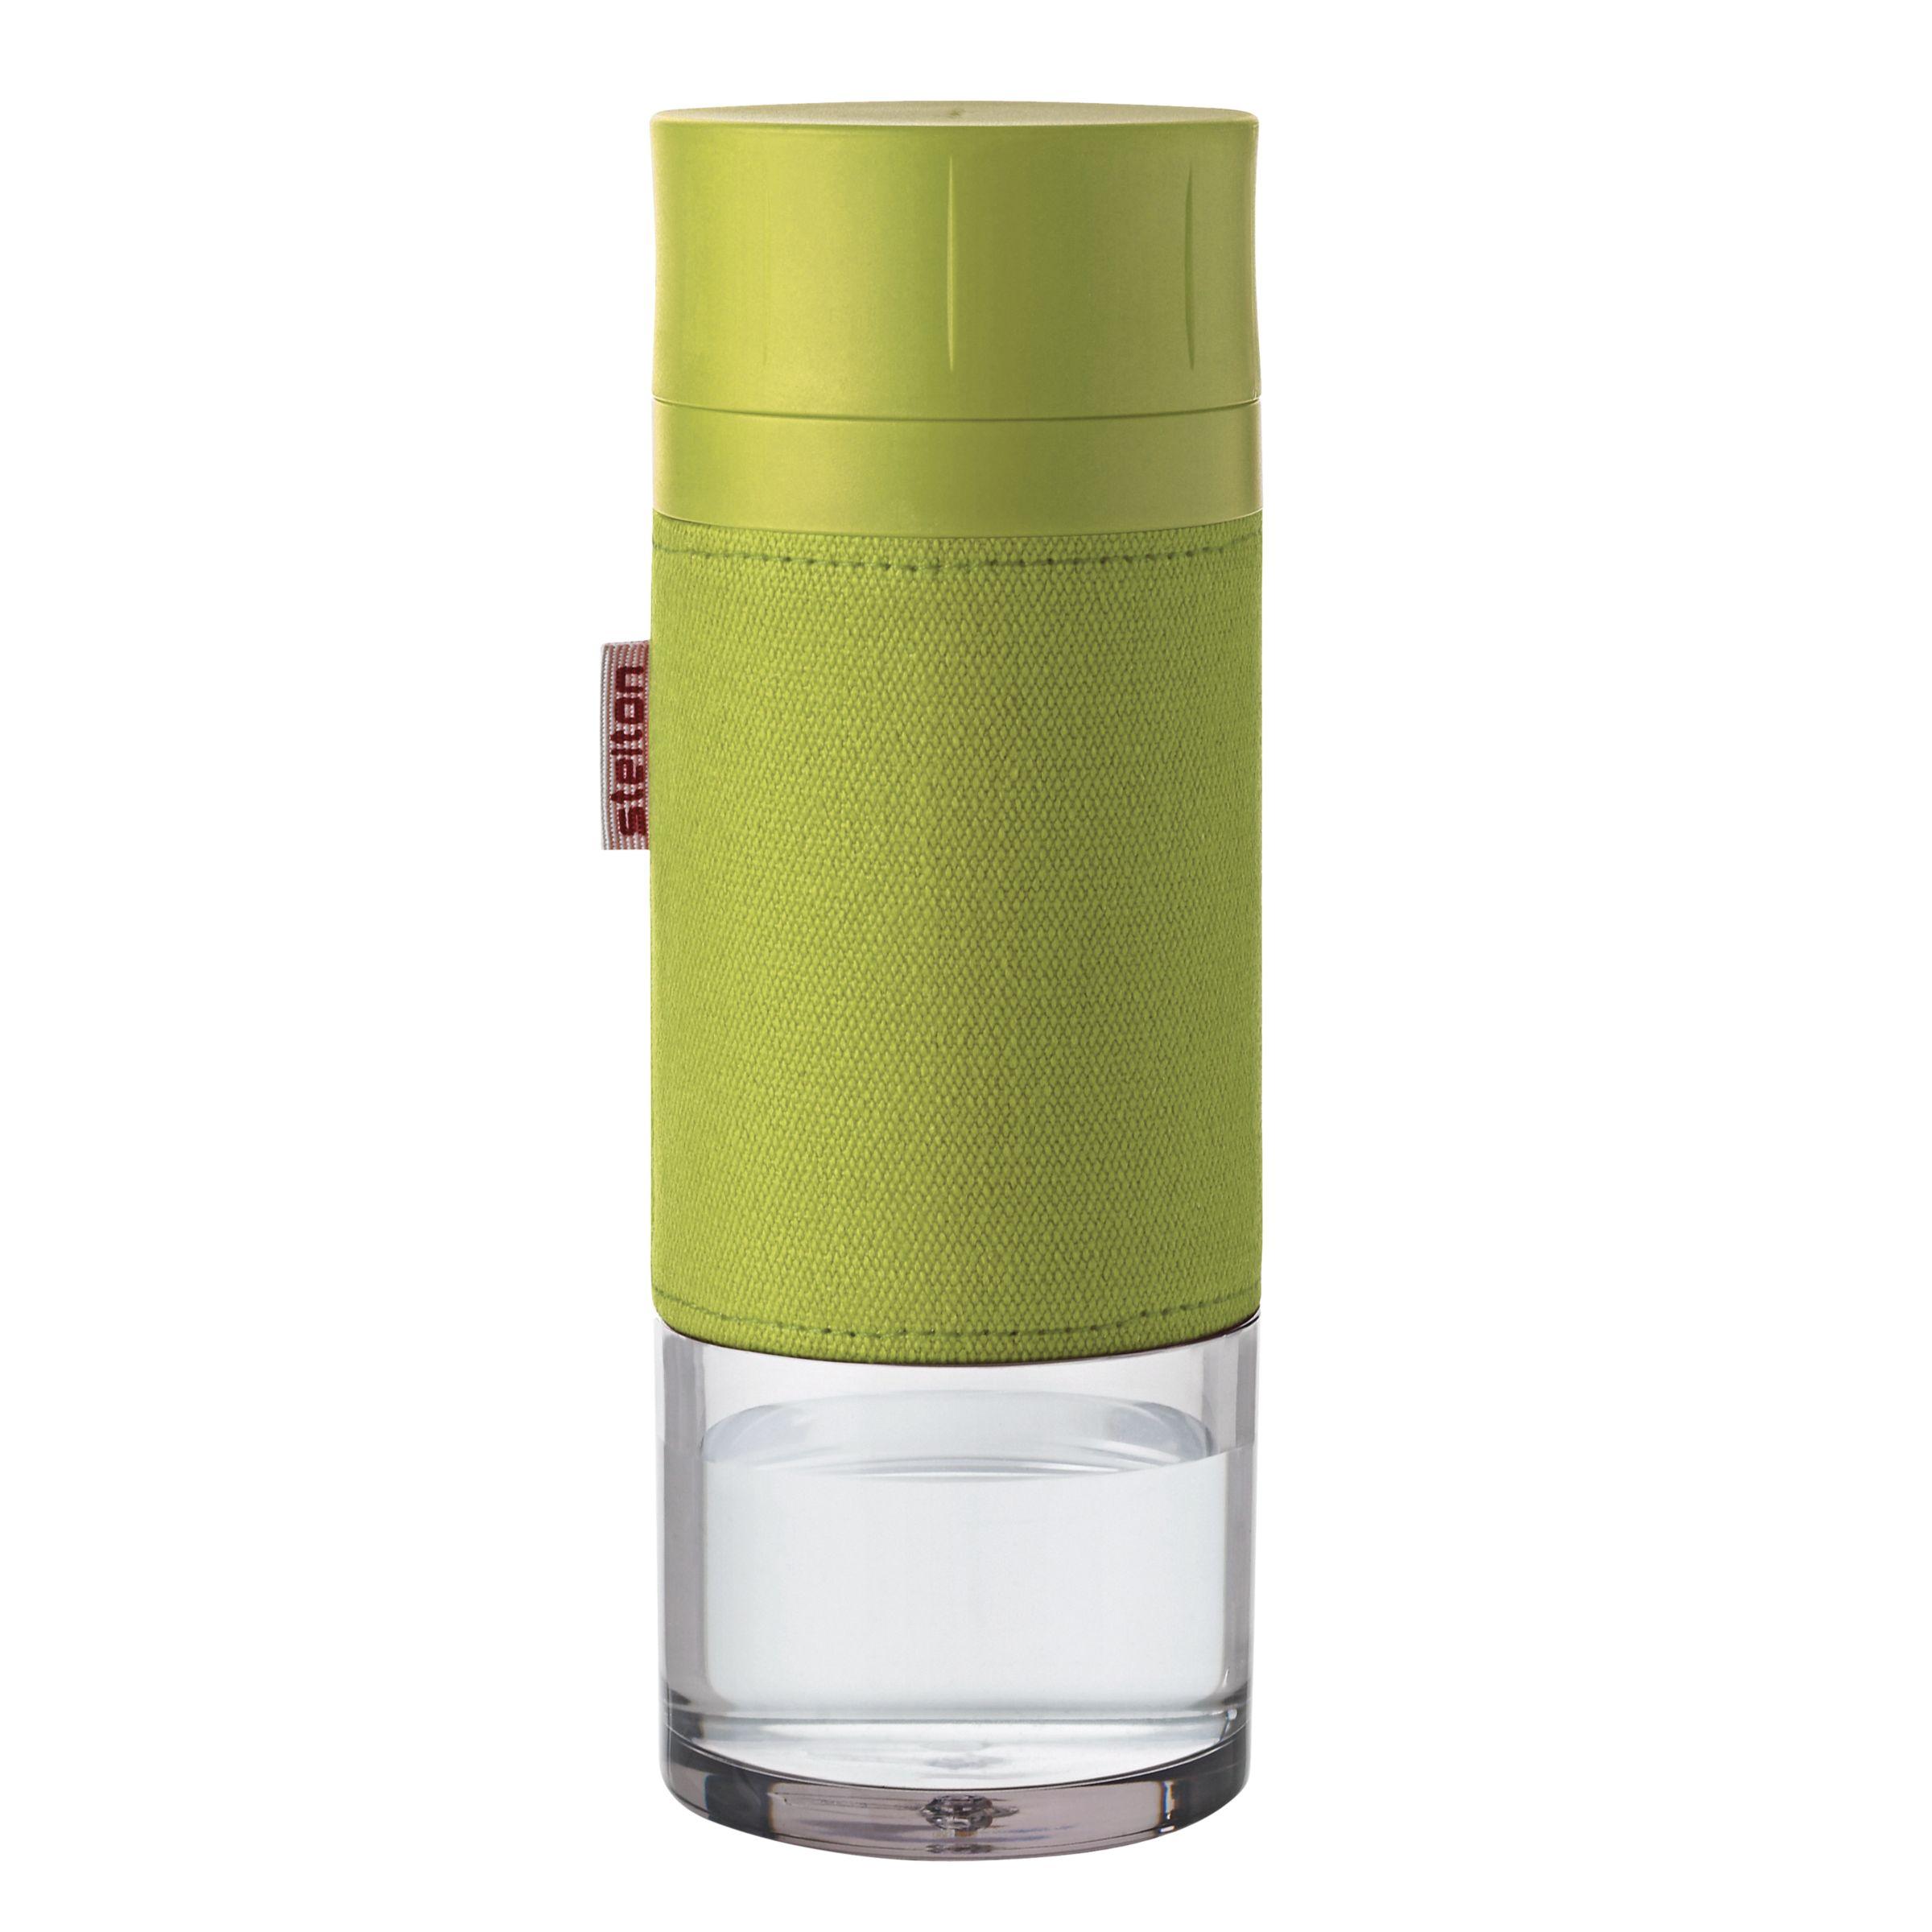 Stelton My Water Bottle, 0.4L